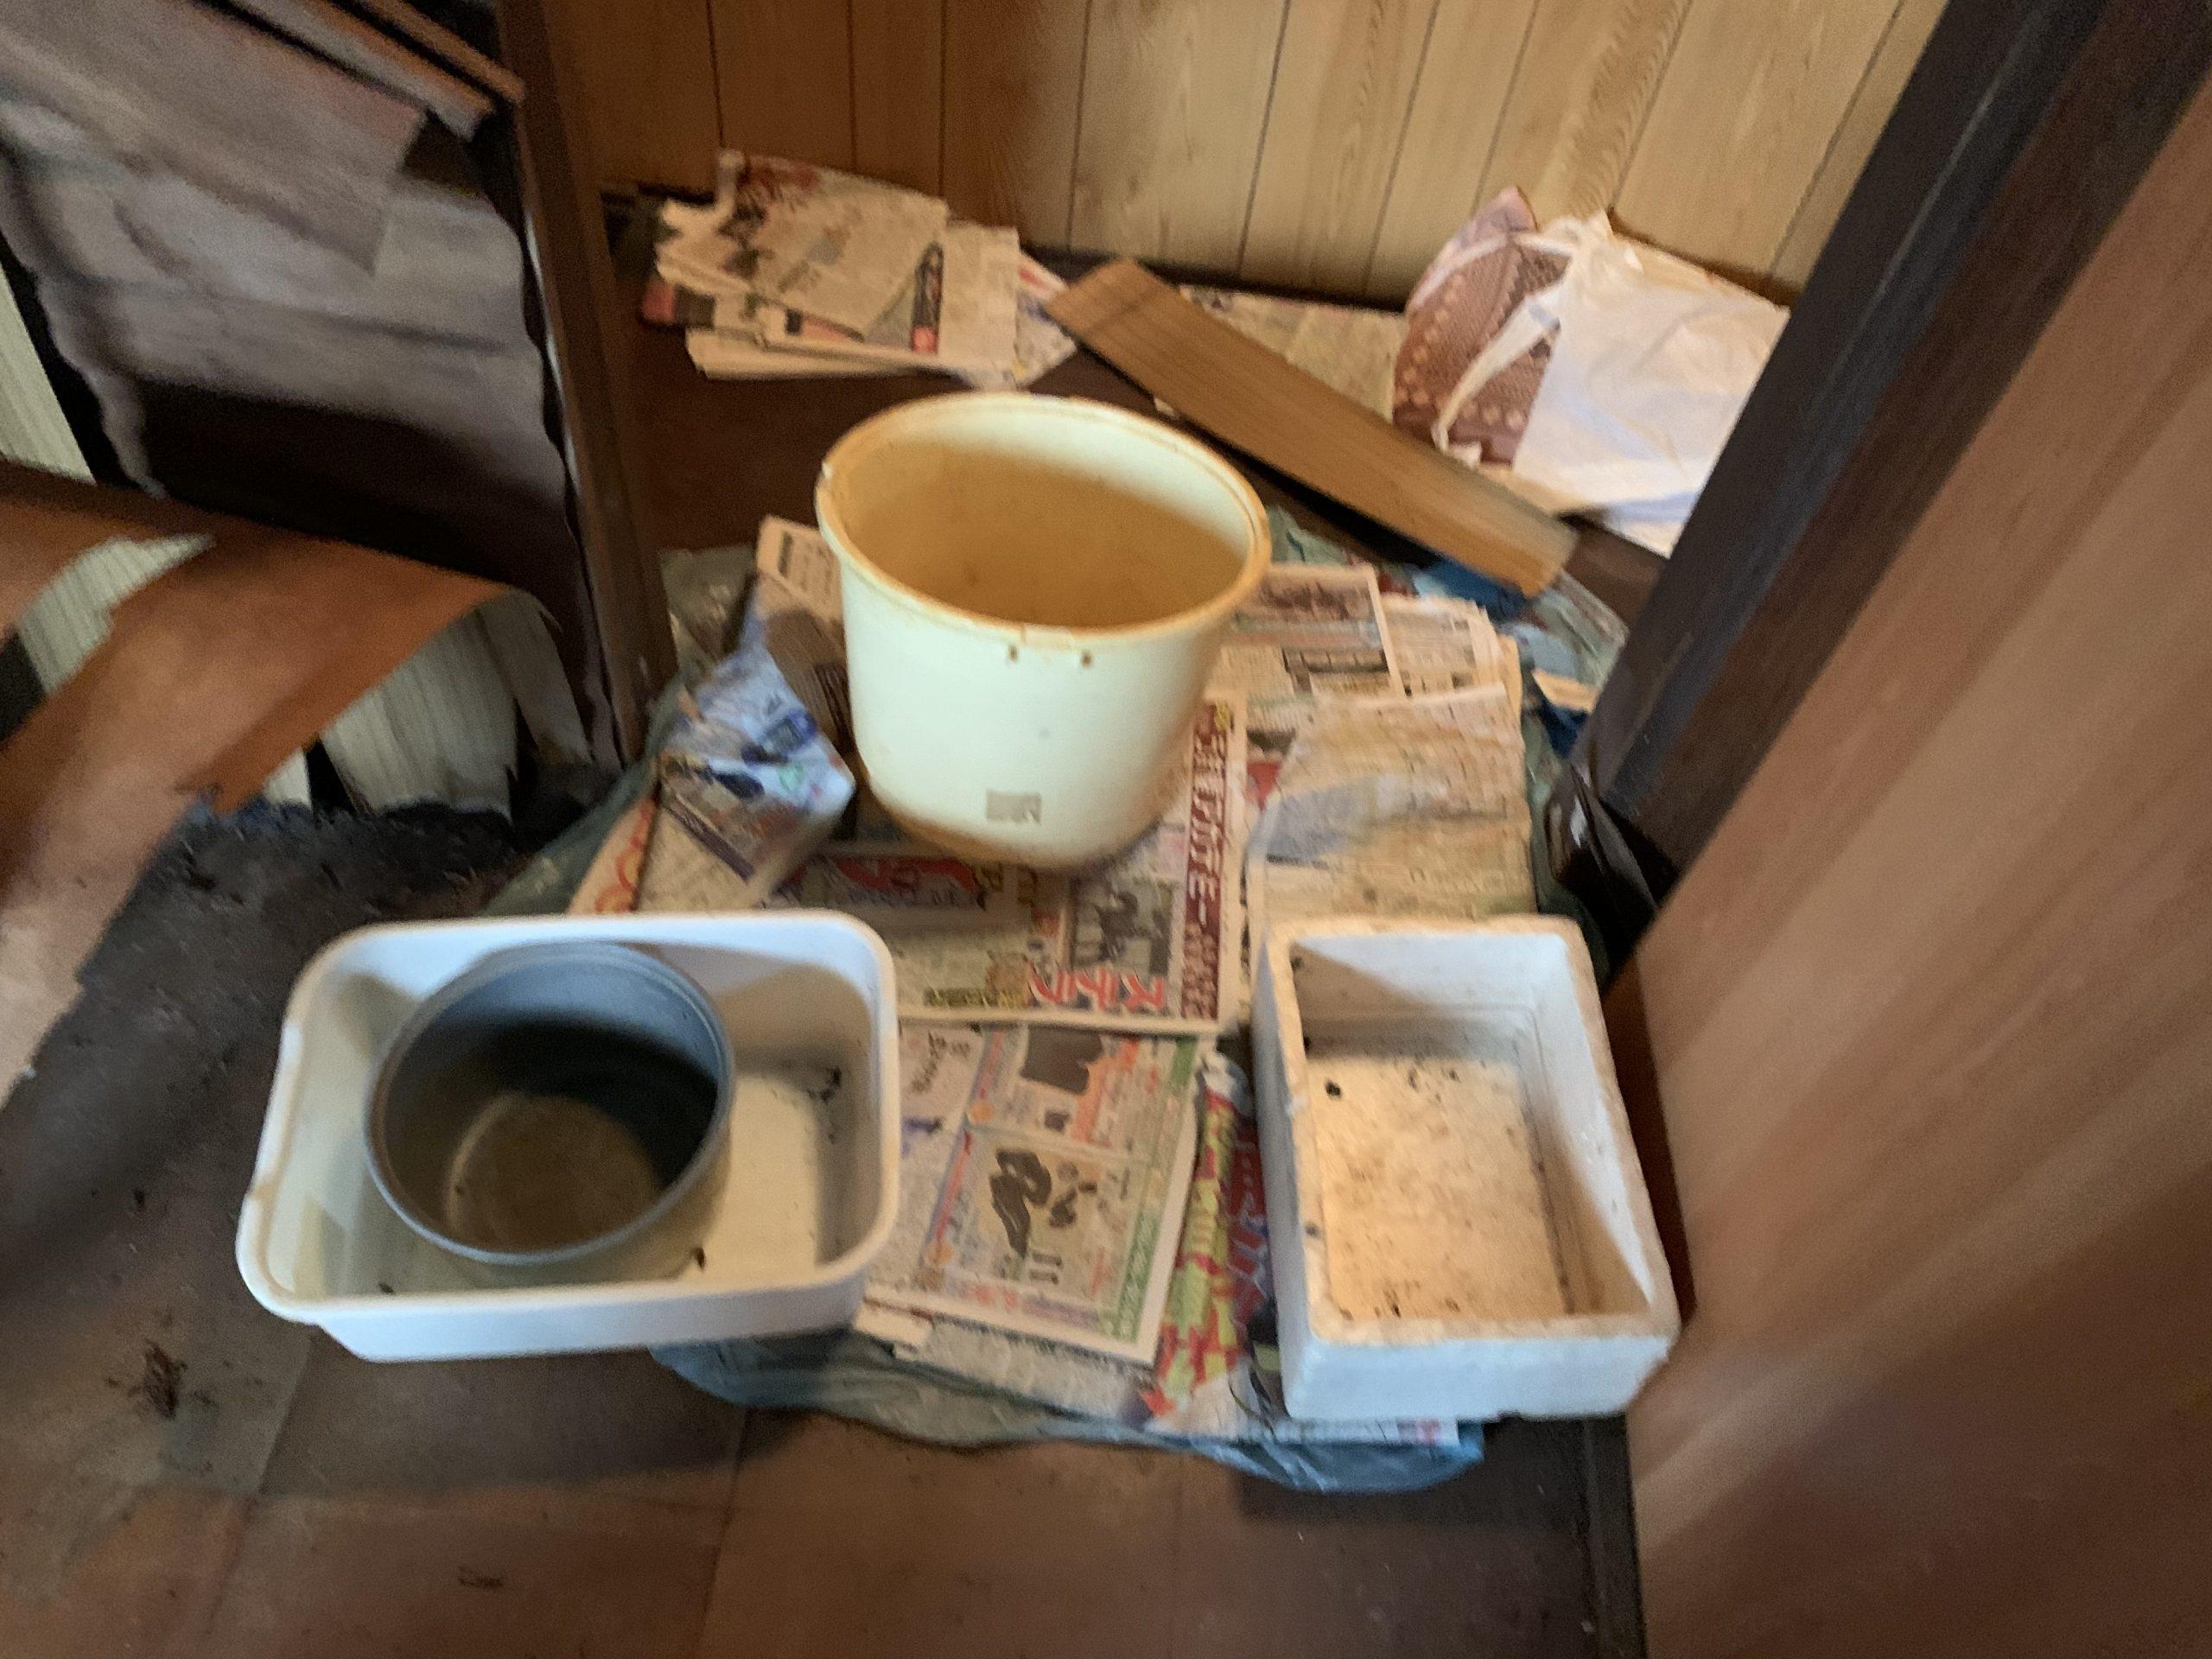 雨漏り応急処置として置かれたたくさんの容器